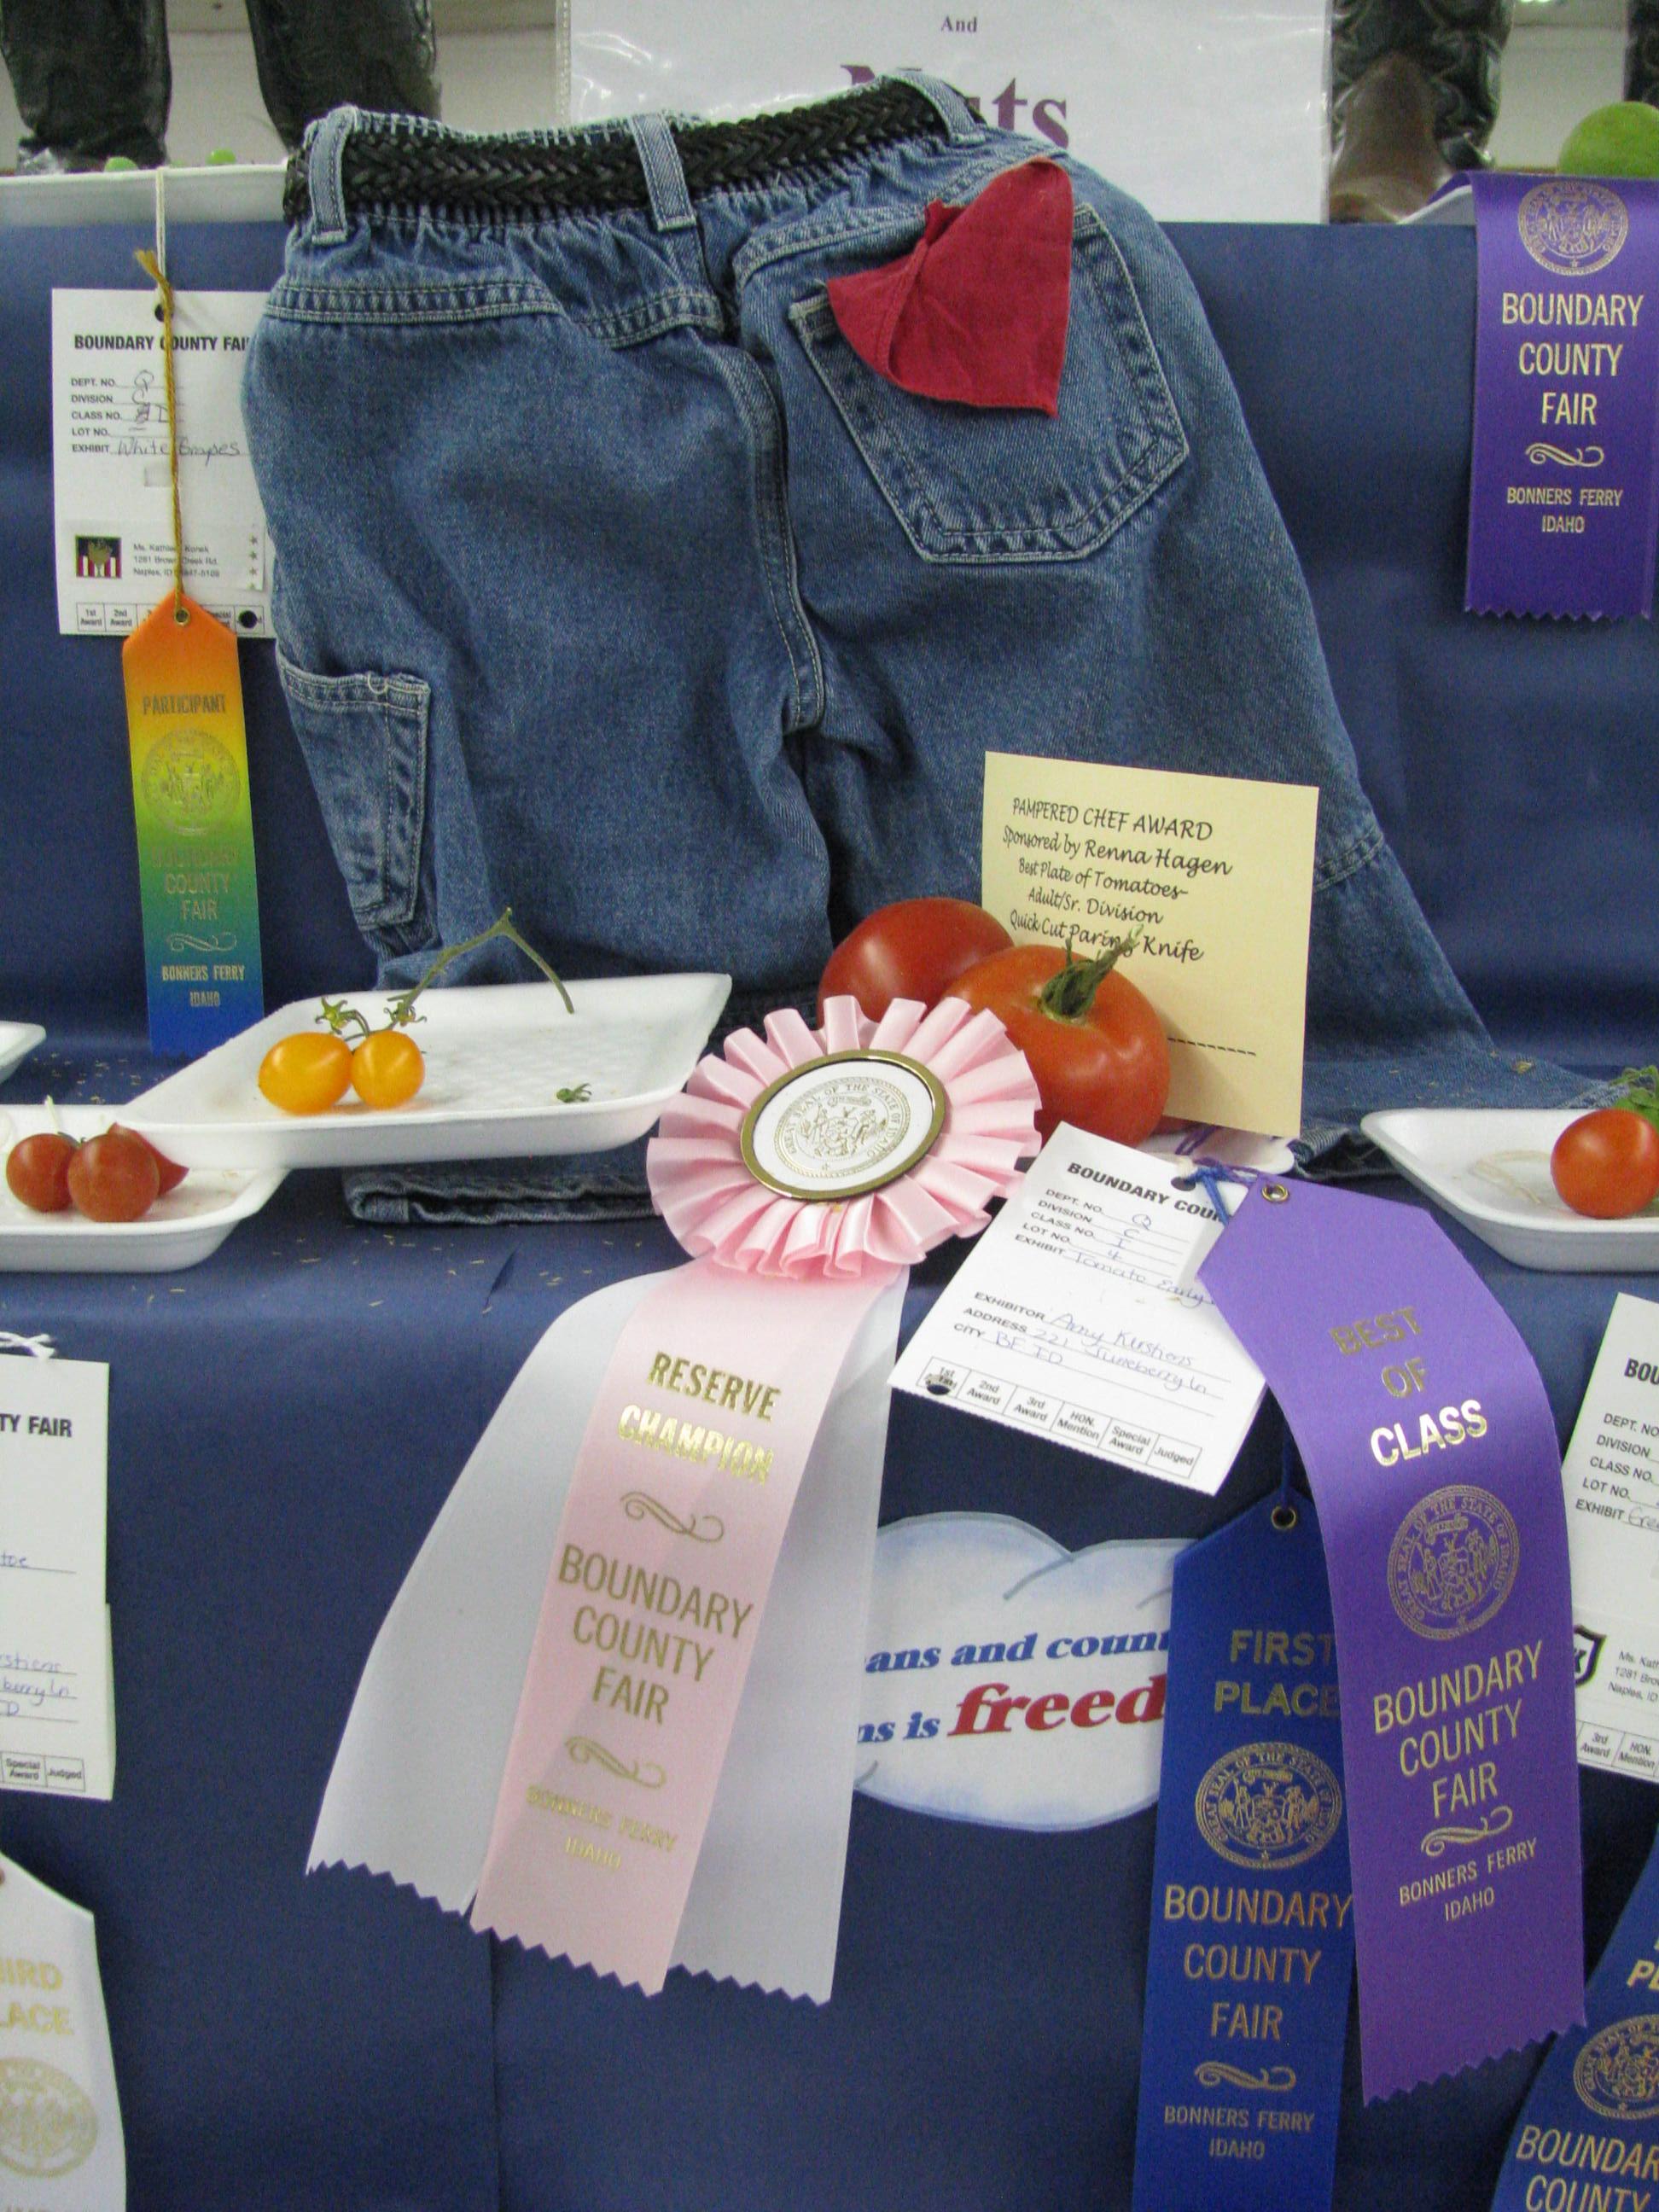 Boundary County Fair, 2011